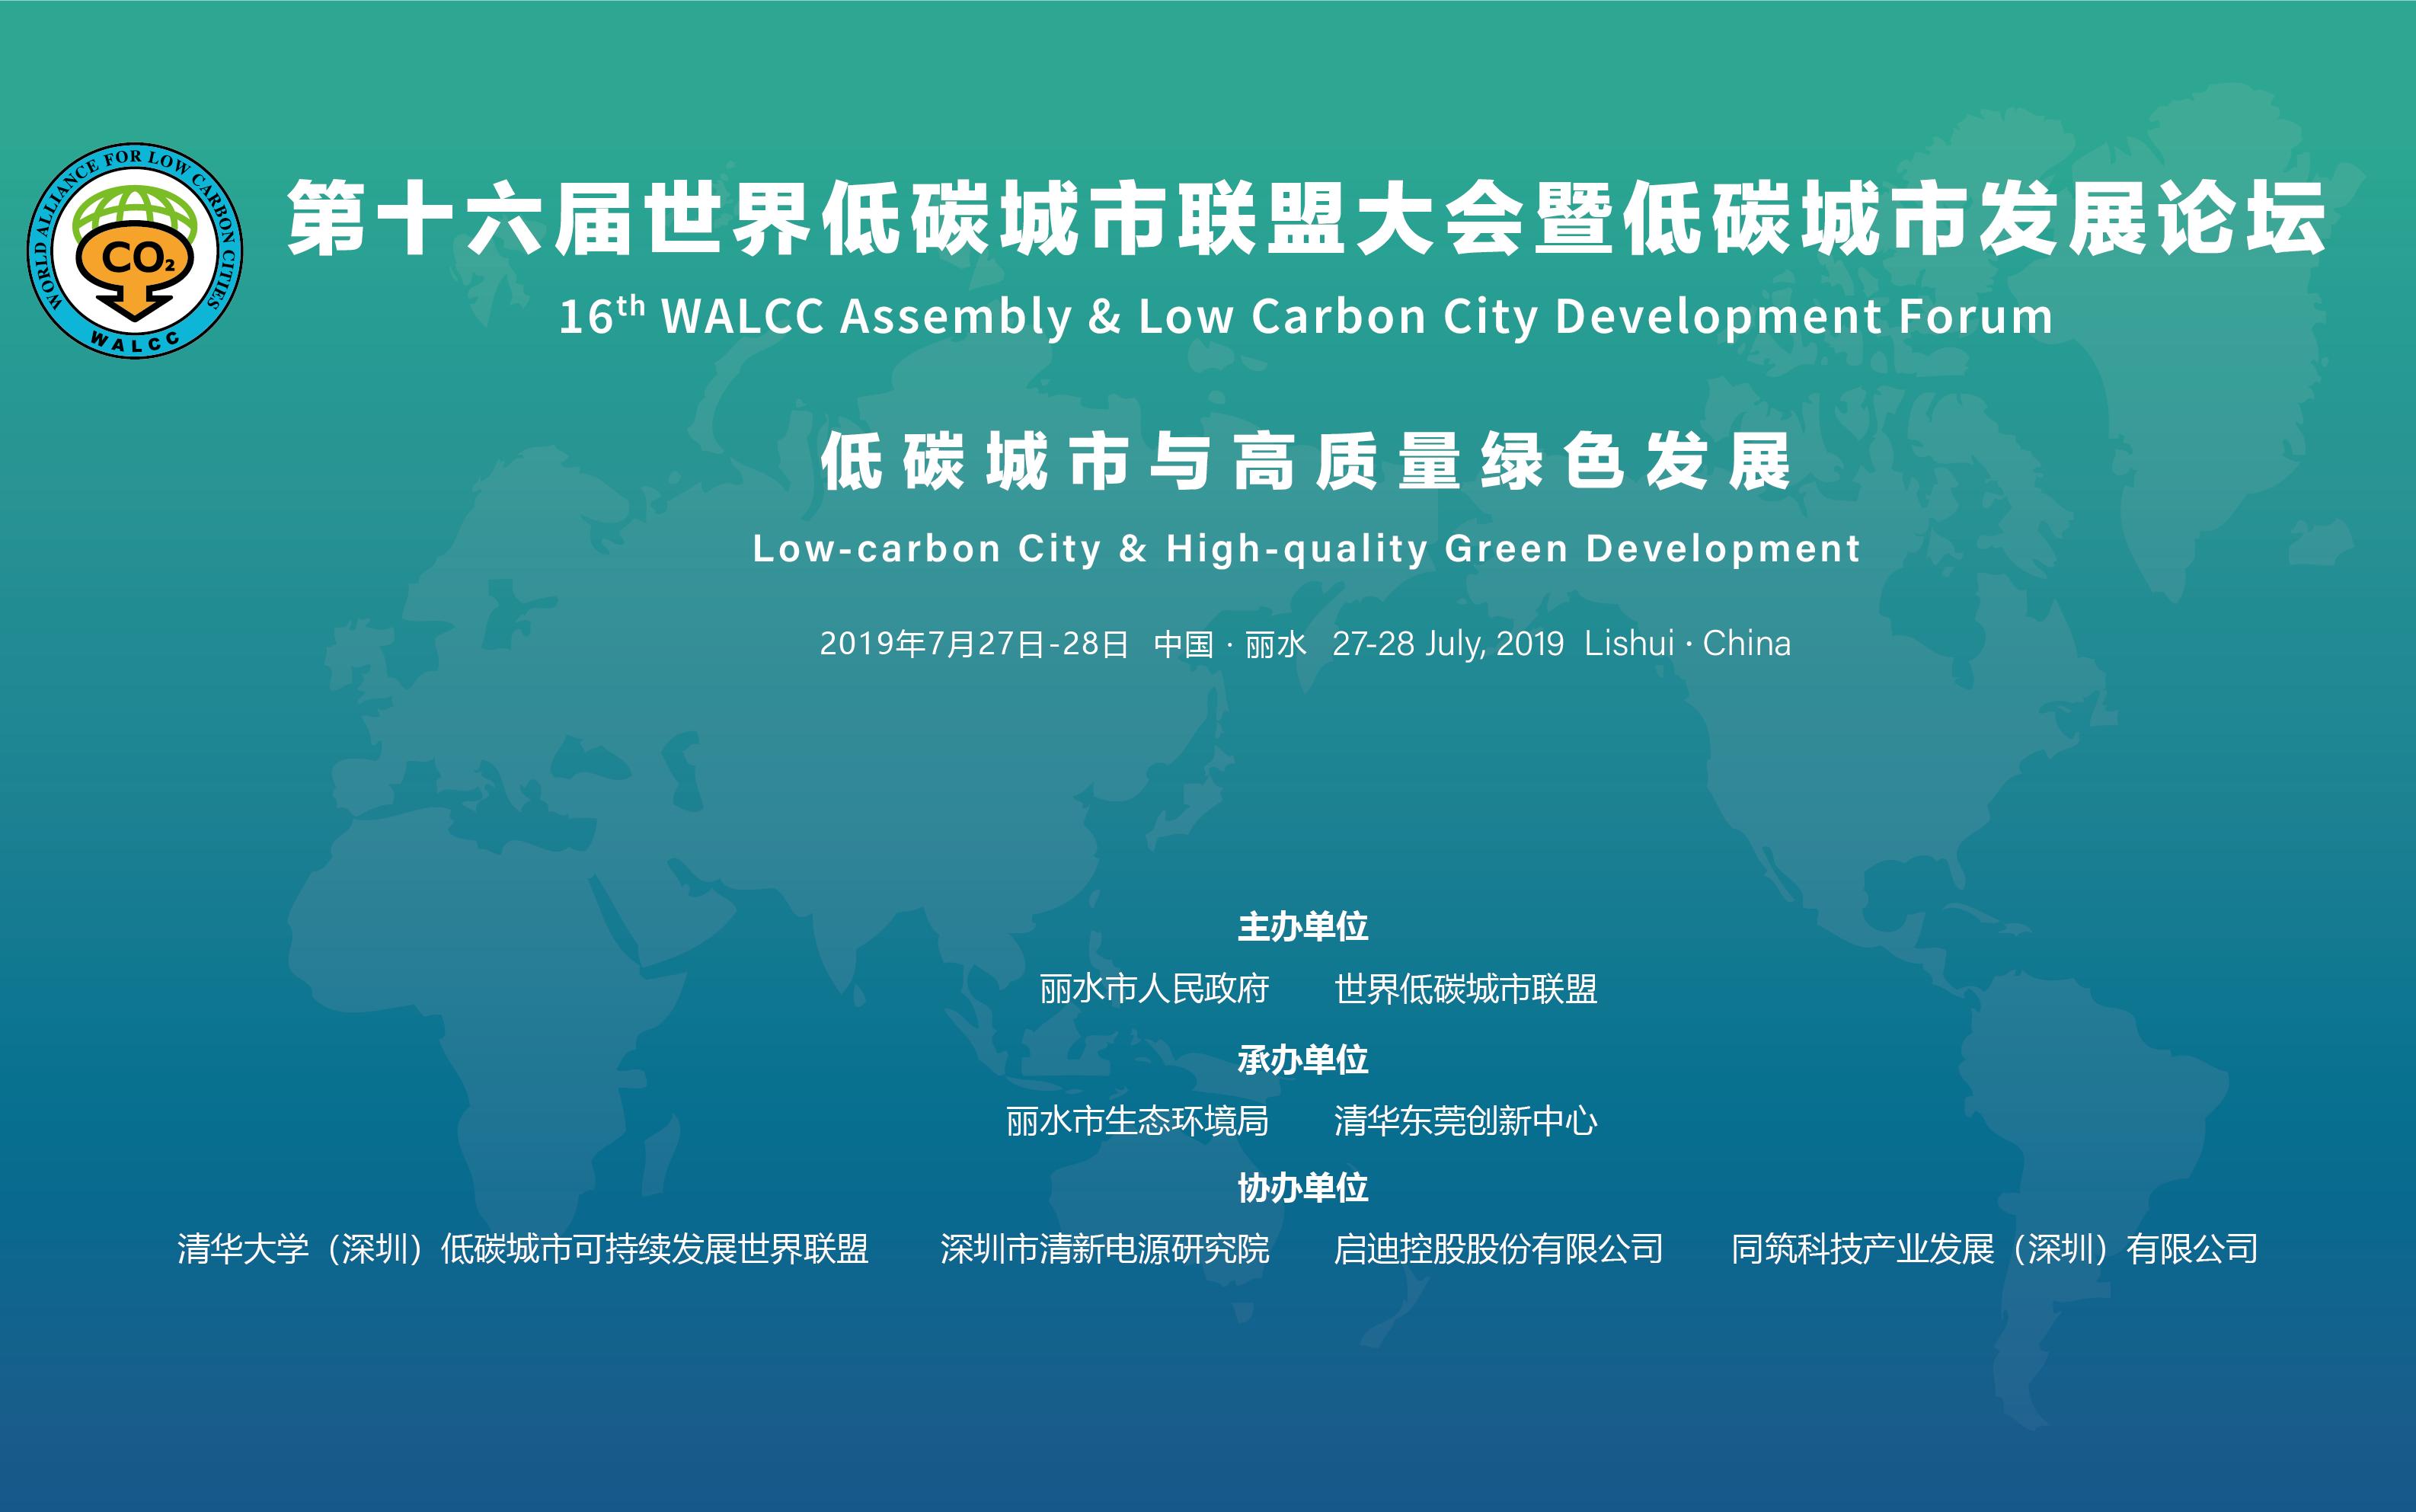 世界低碳大会丽水召开 绿色生态发展成趋势